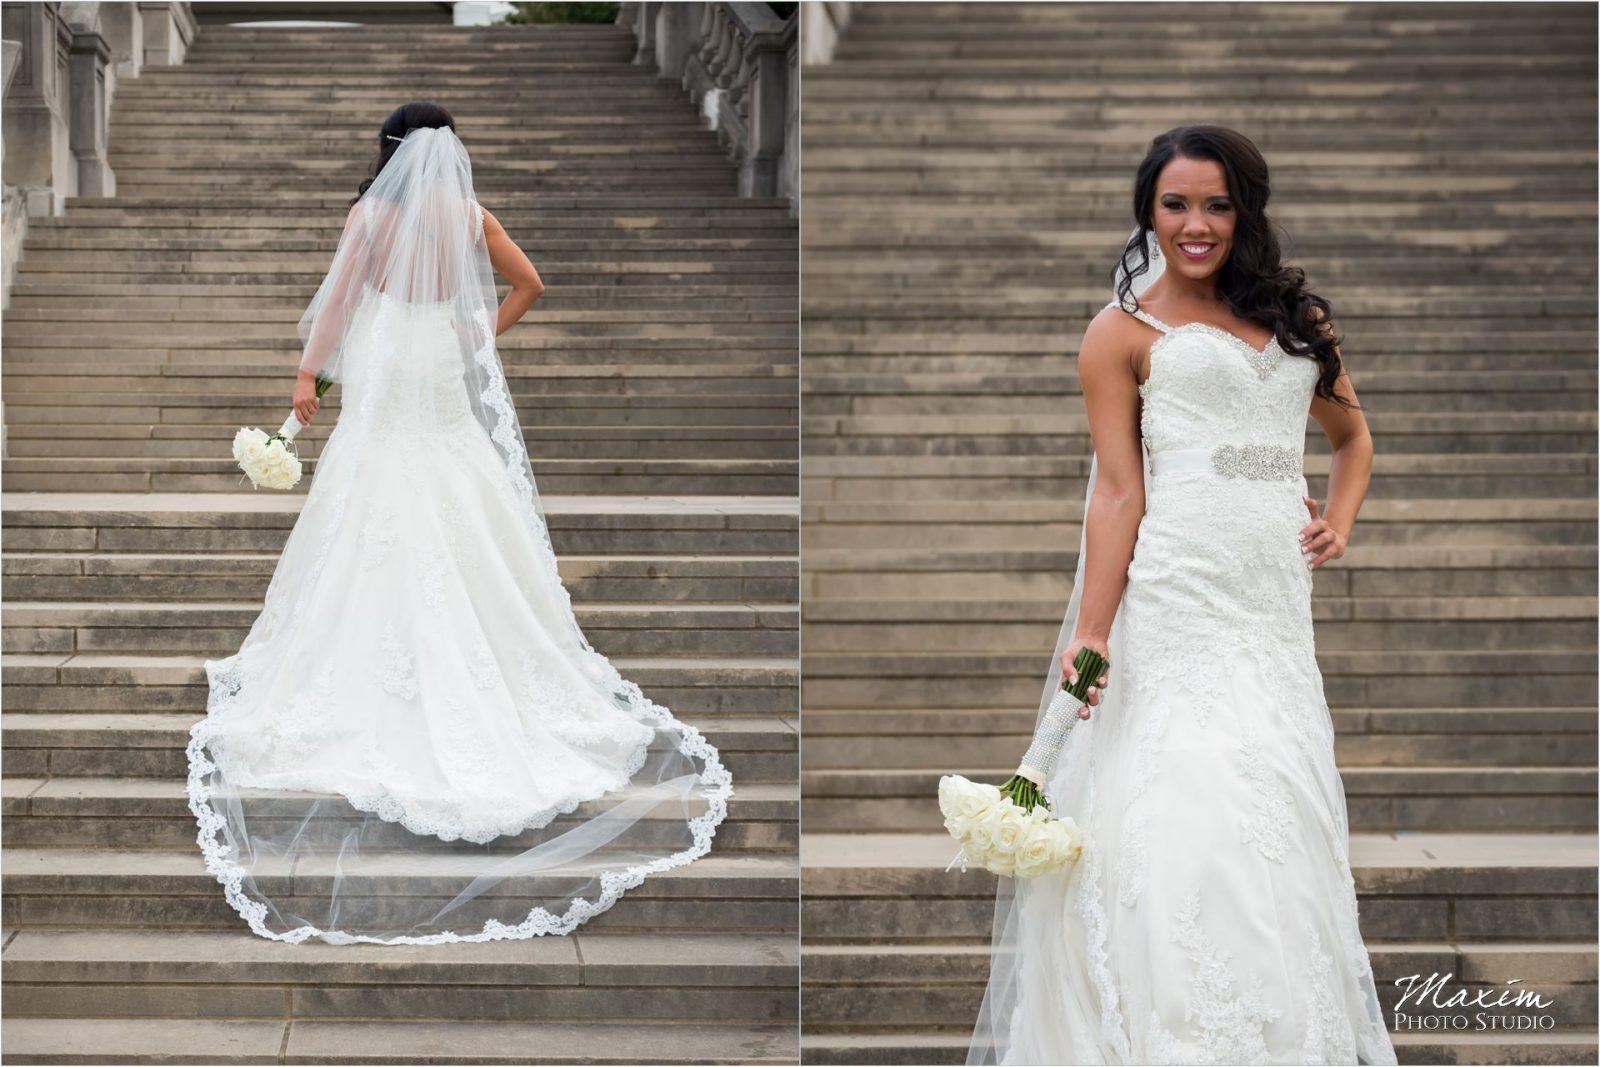 Ault Park Cincinnati Bride Bridesmaids Pavilion fountain